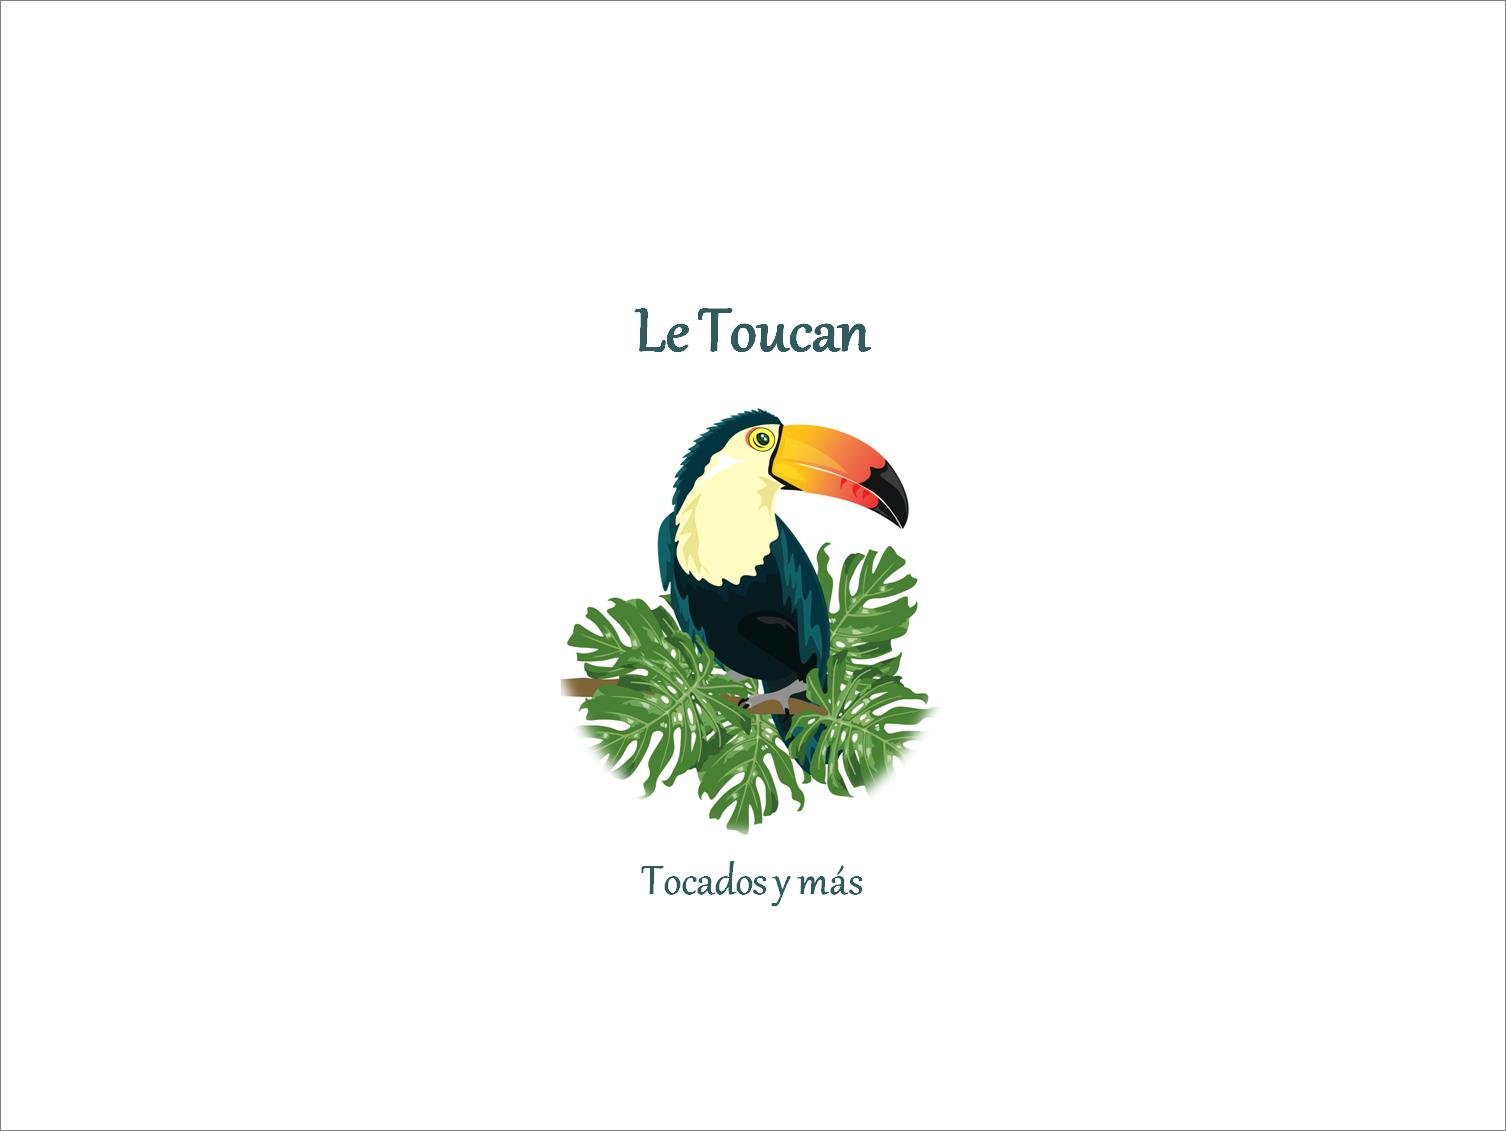 letoucan_tocadosymas